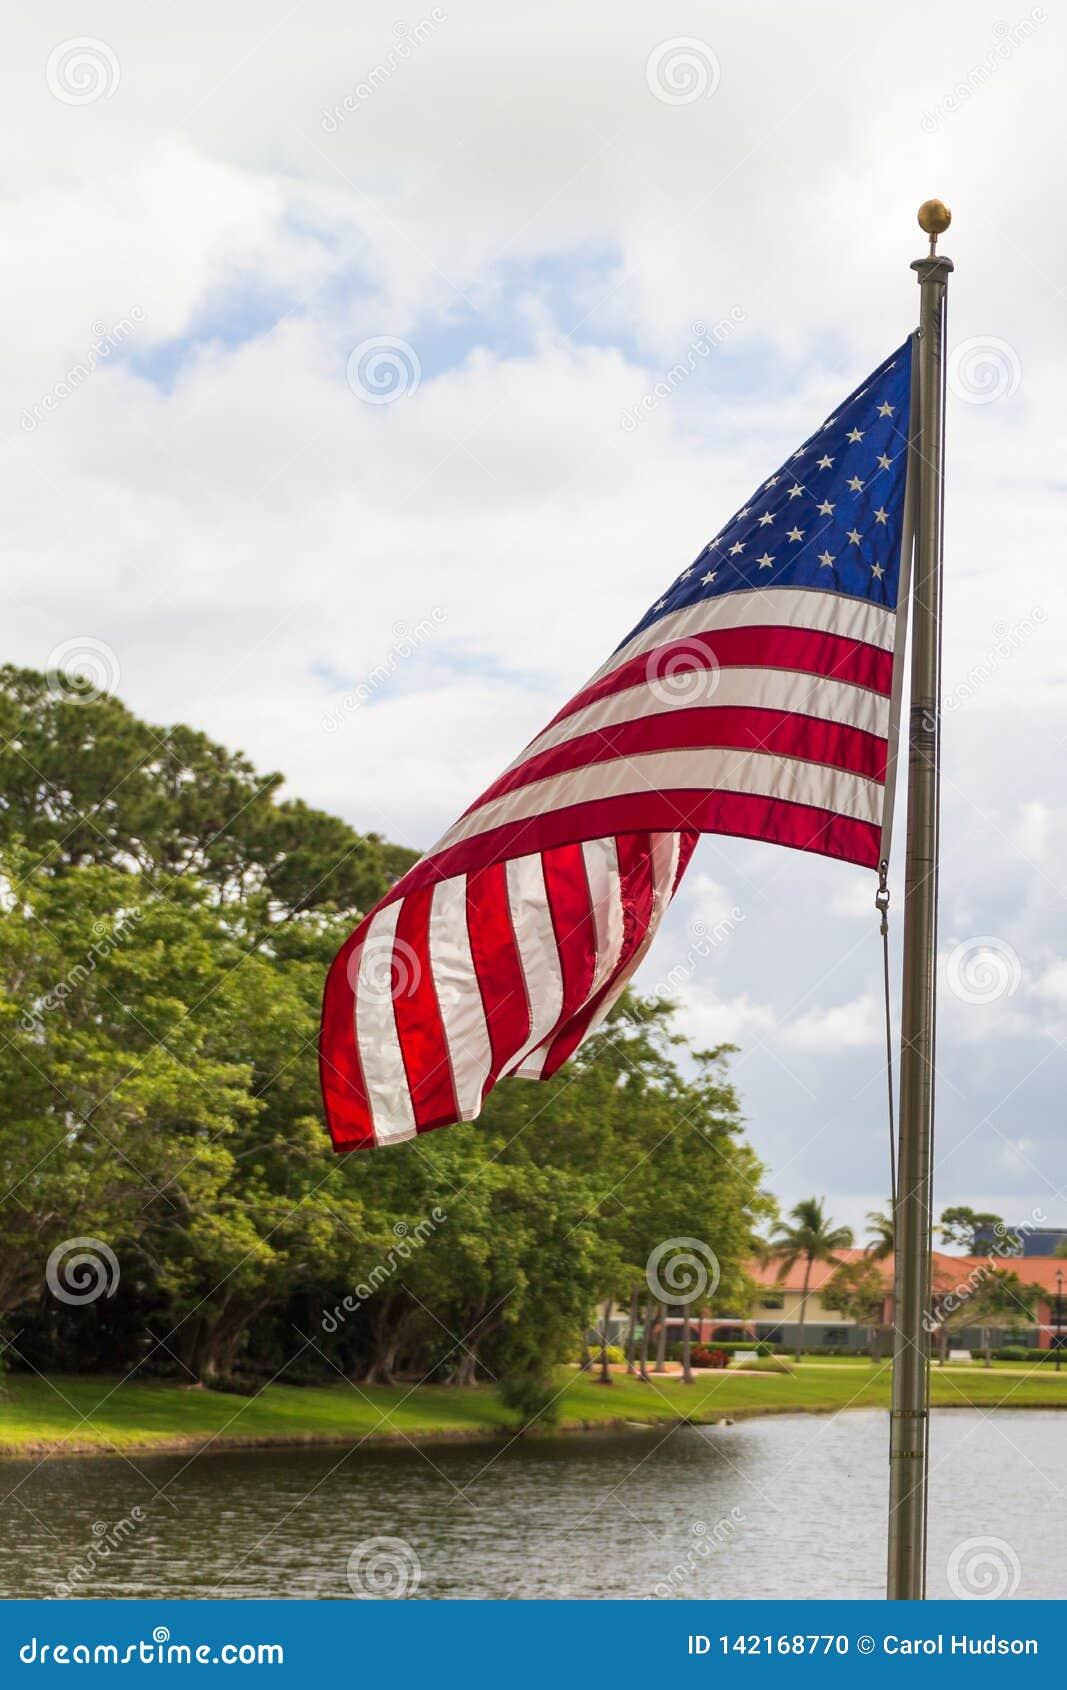 Un drapeau américain soufflant dans le vent un jour nuageux